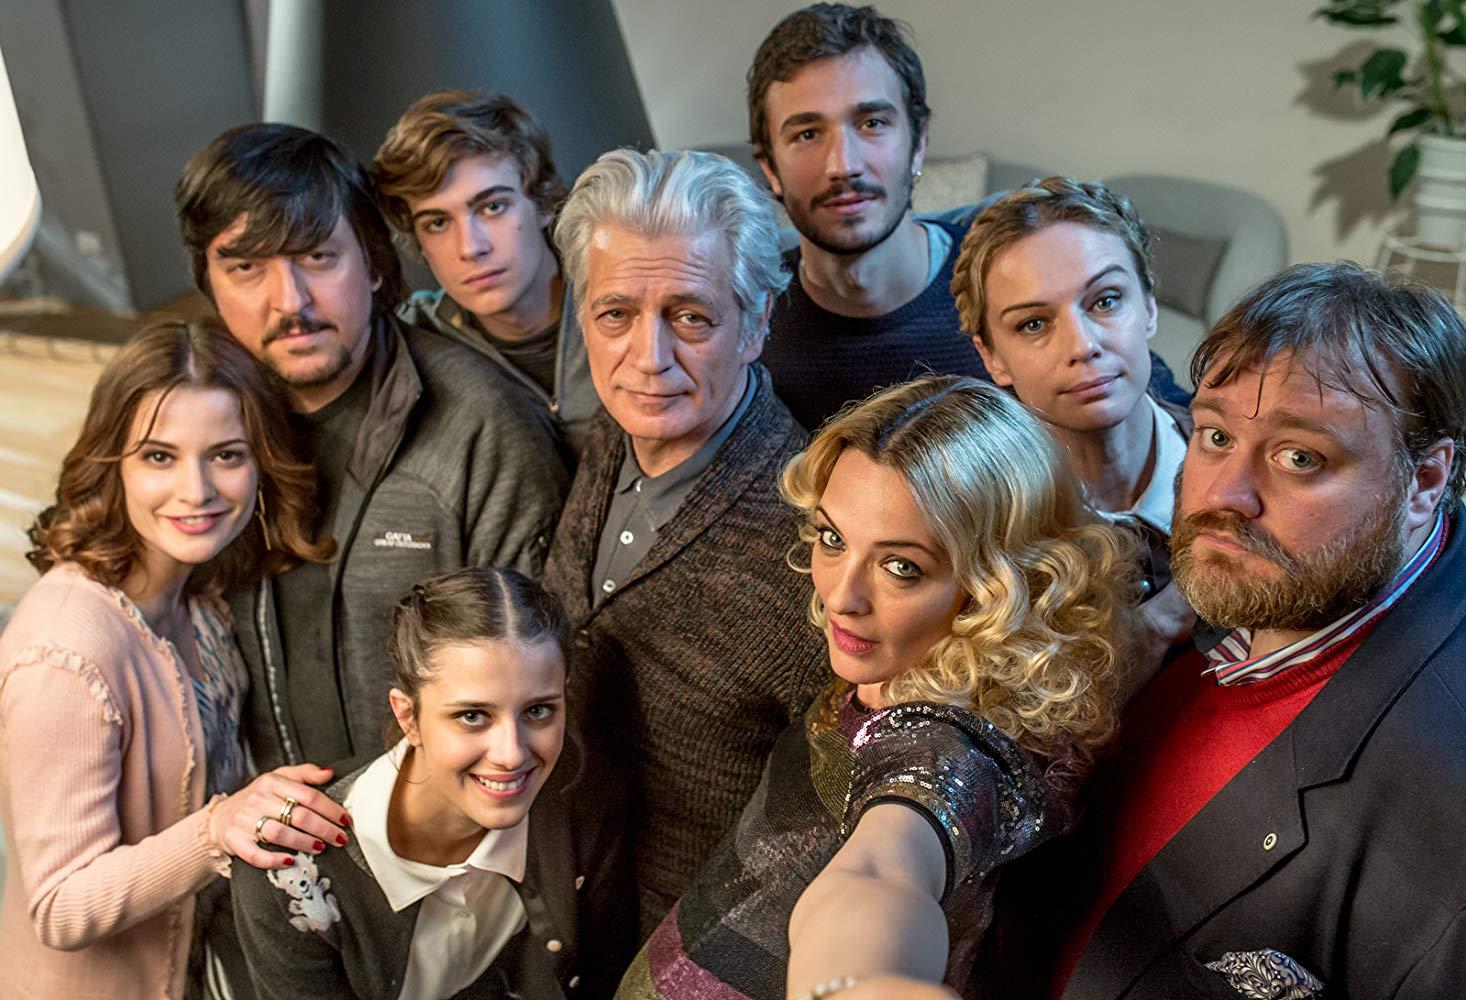 Tuttalativu · GuidaTV 6 Febbraio 2020: La 3ª serata del #FestivaldiSanremo, tra #Sconnessi e #DrittoeRovescio